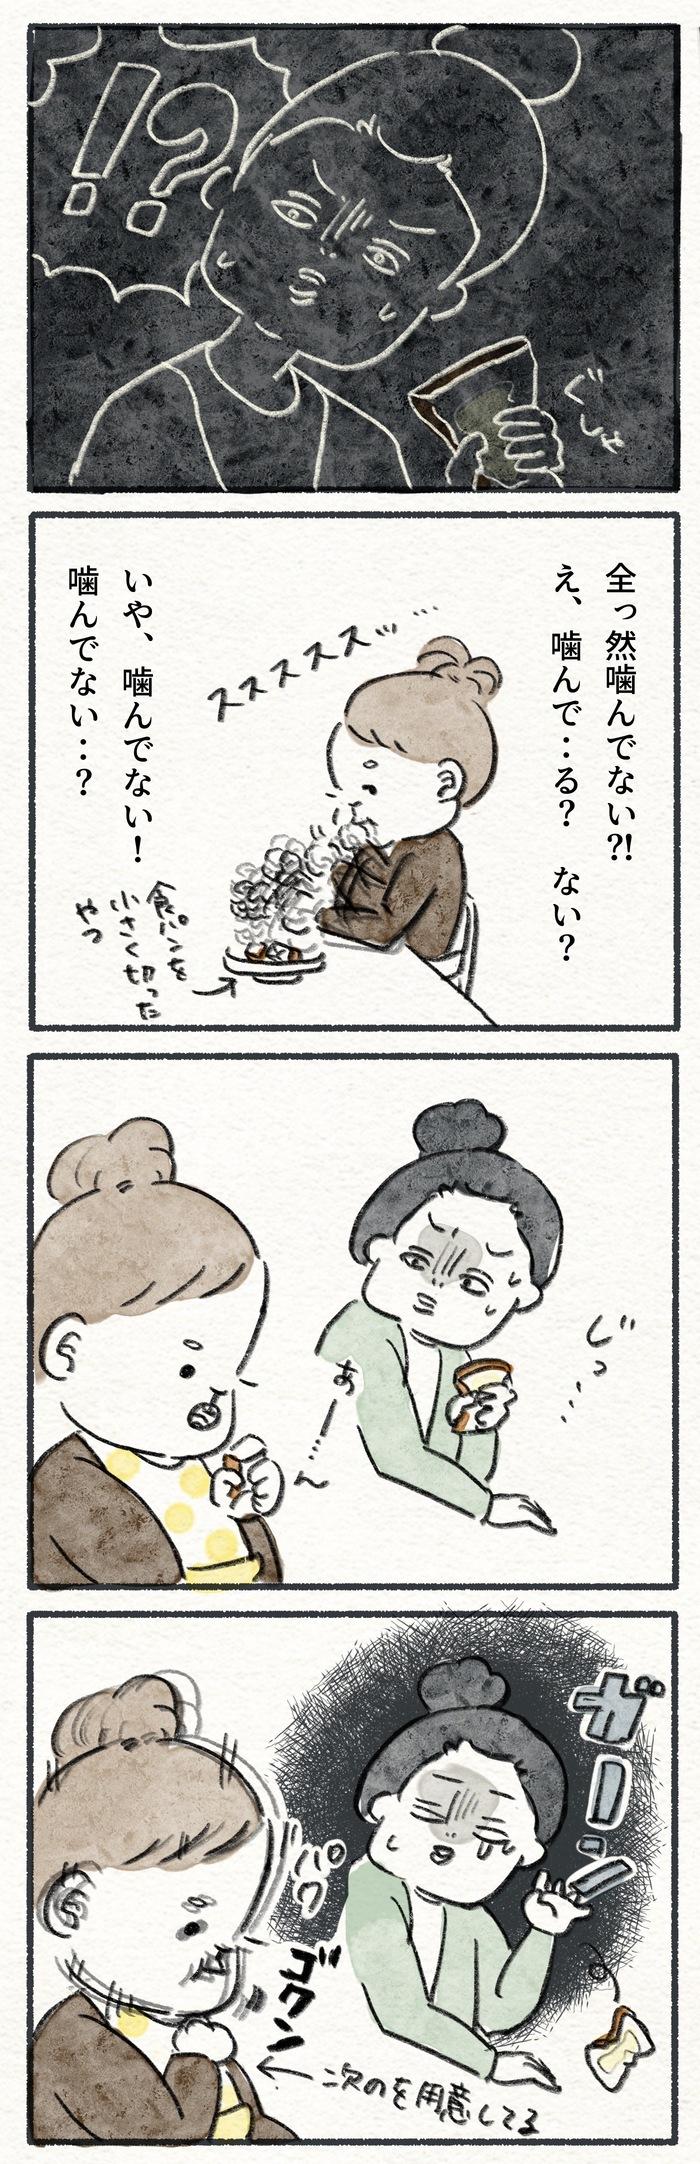 飲むように食べる!!食欲の秋に消費が激しい、あの食べ物。の画像2